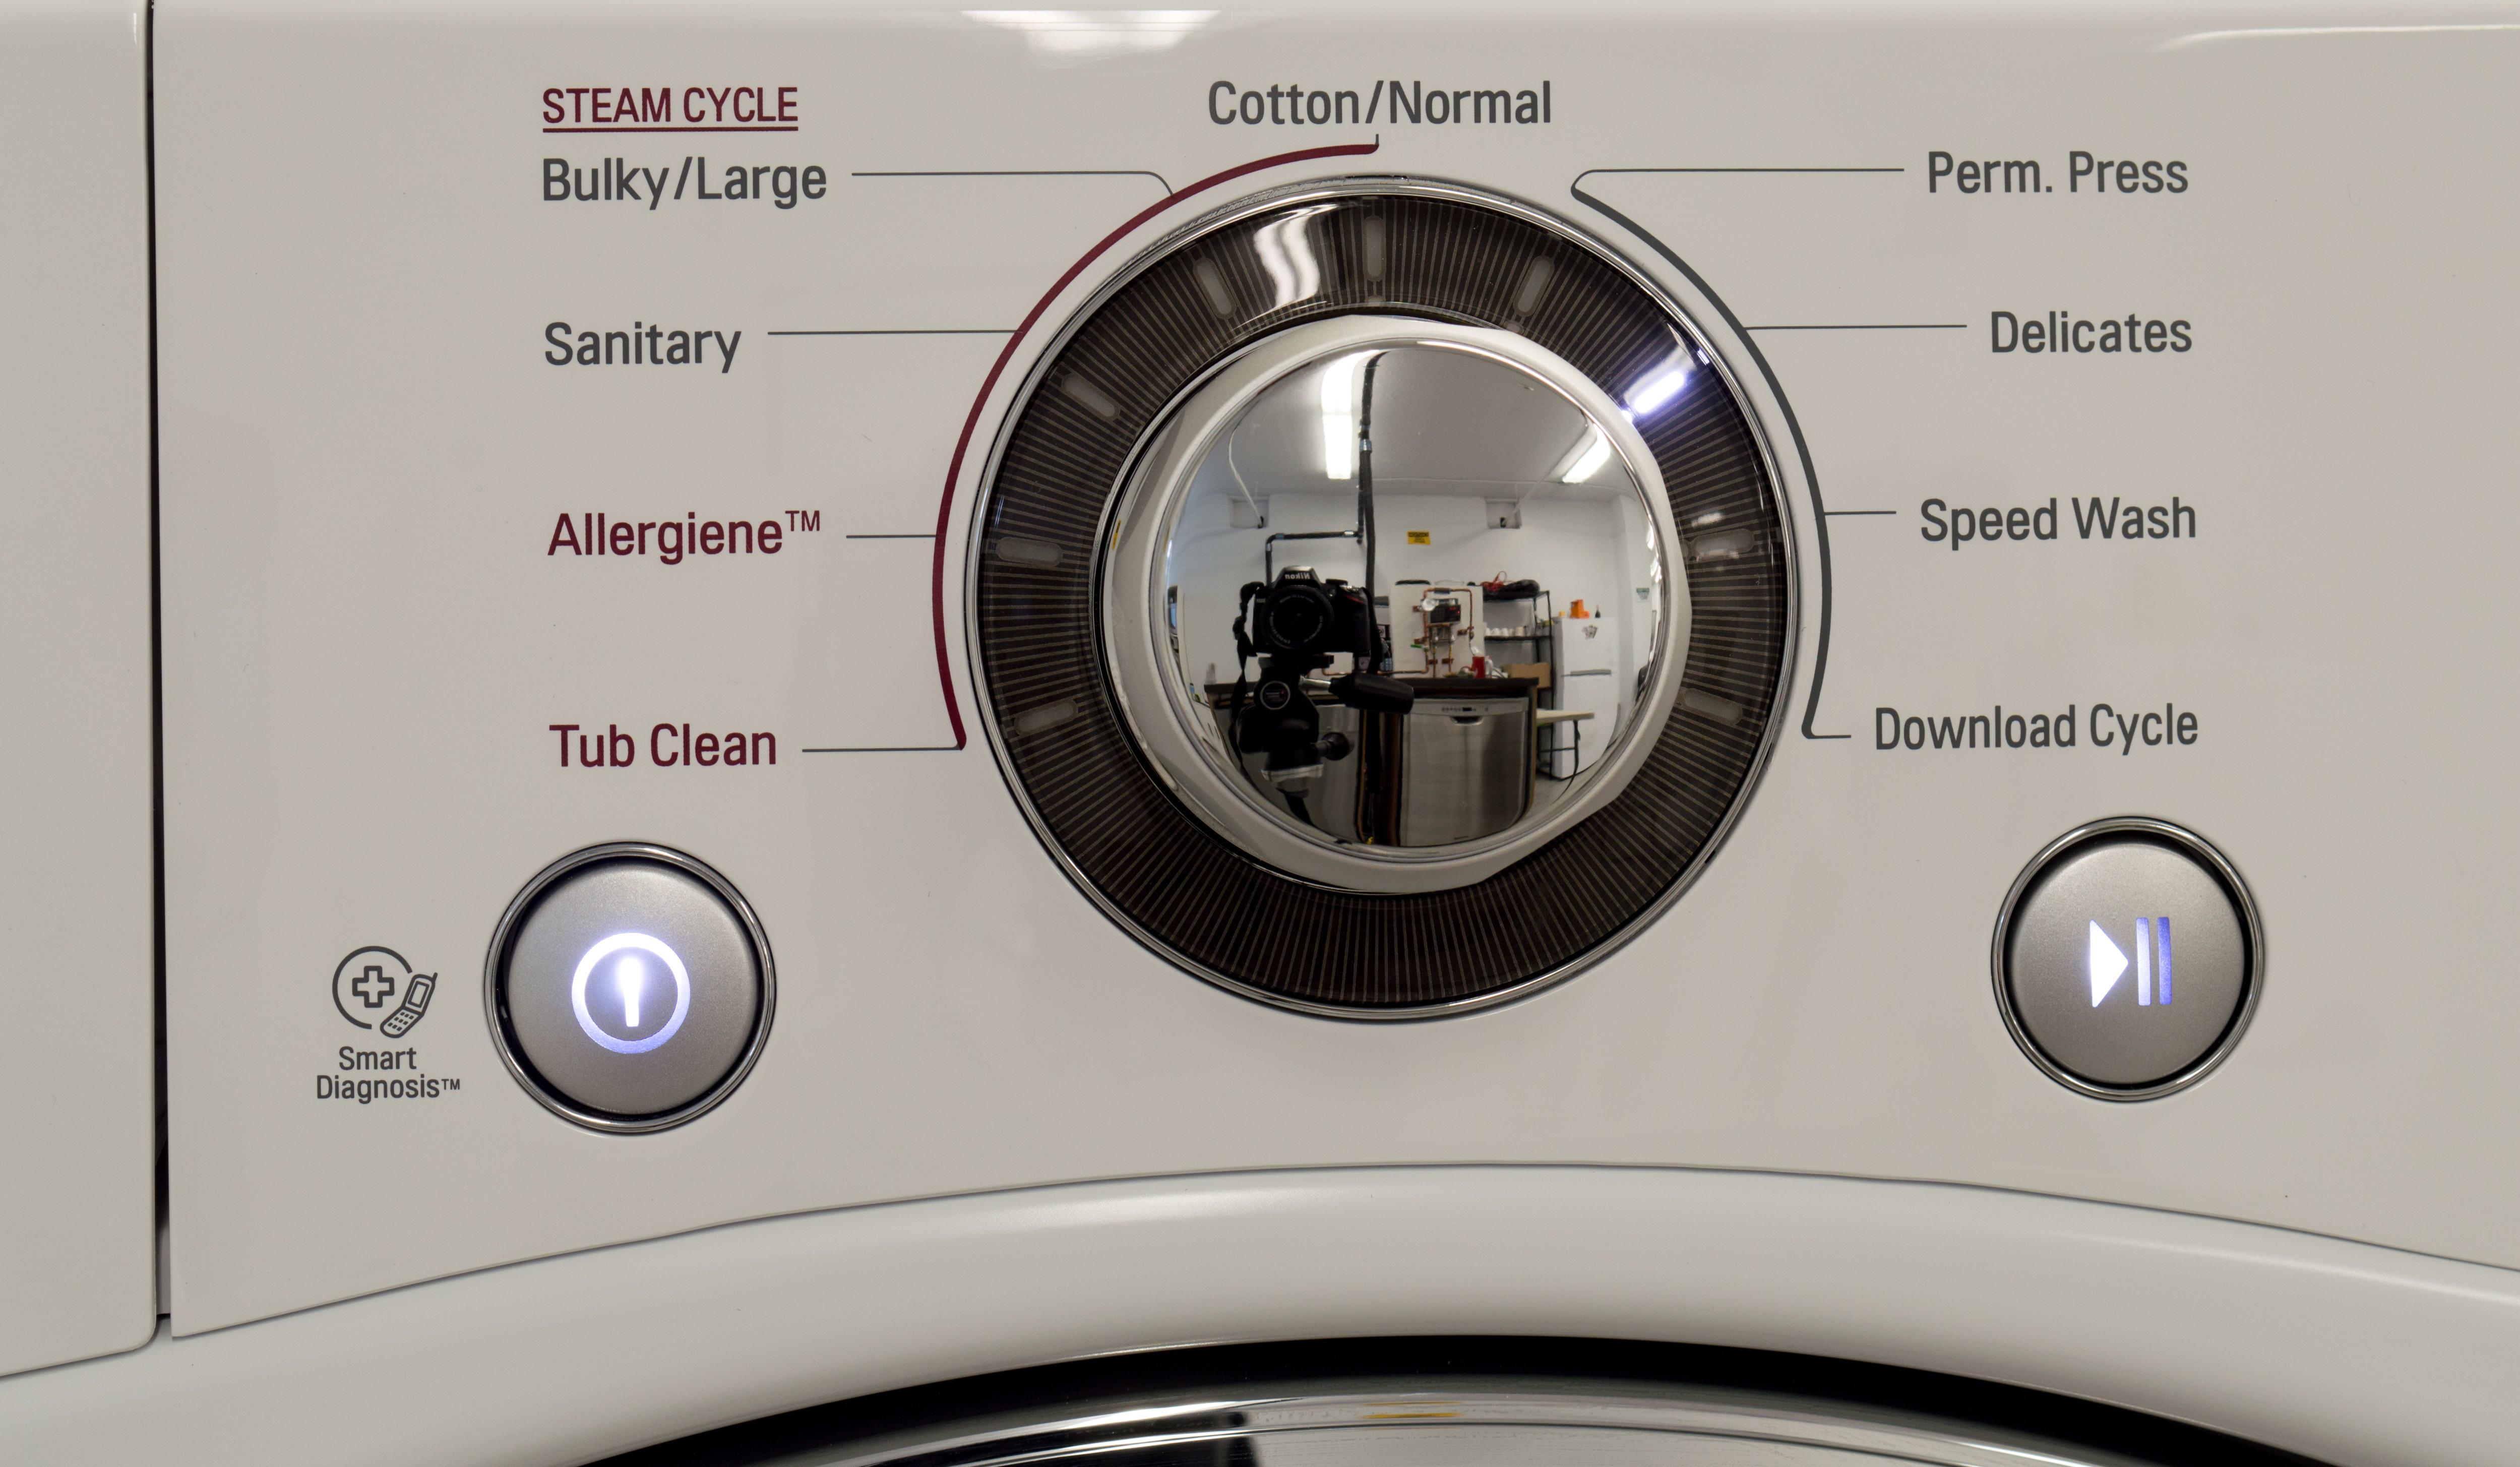 LG WM3370HWA Washing Machine Review - Reviewed Laundry